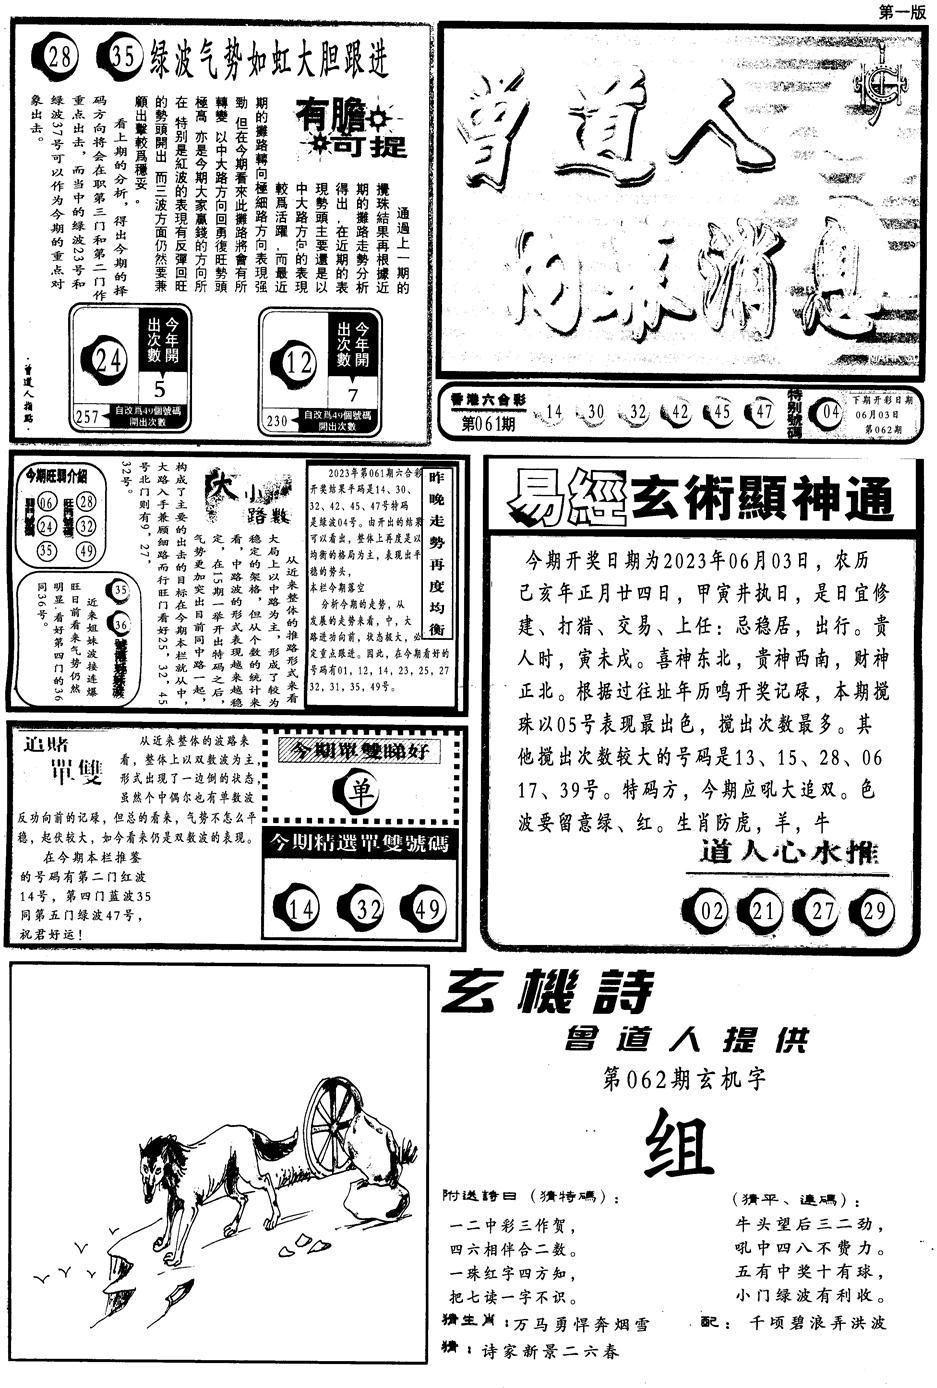 062期内幕消息A(黑白)